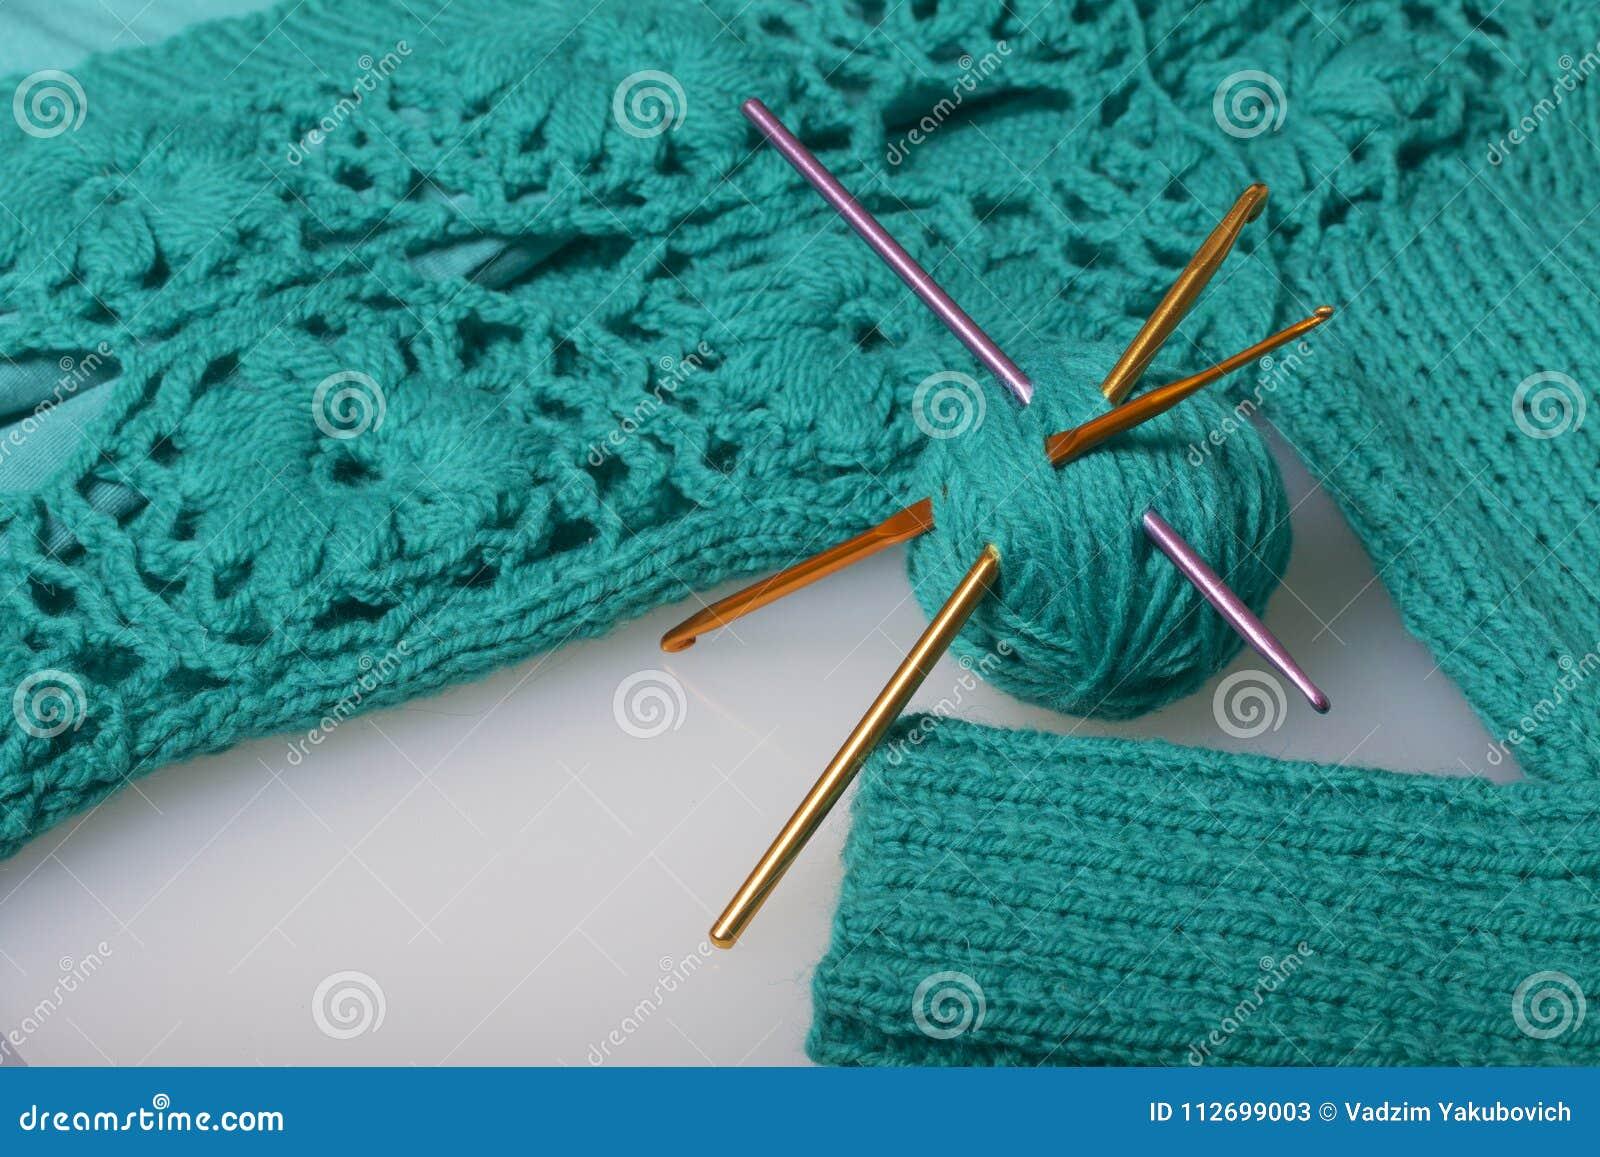 Σειρές του νήματος για το σμαραγδένιο χρώμα πλεξίματος και των γάντζων για το πλέξιμο Σε ένα έτοιμο πλεκτό προϊόν